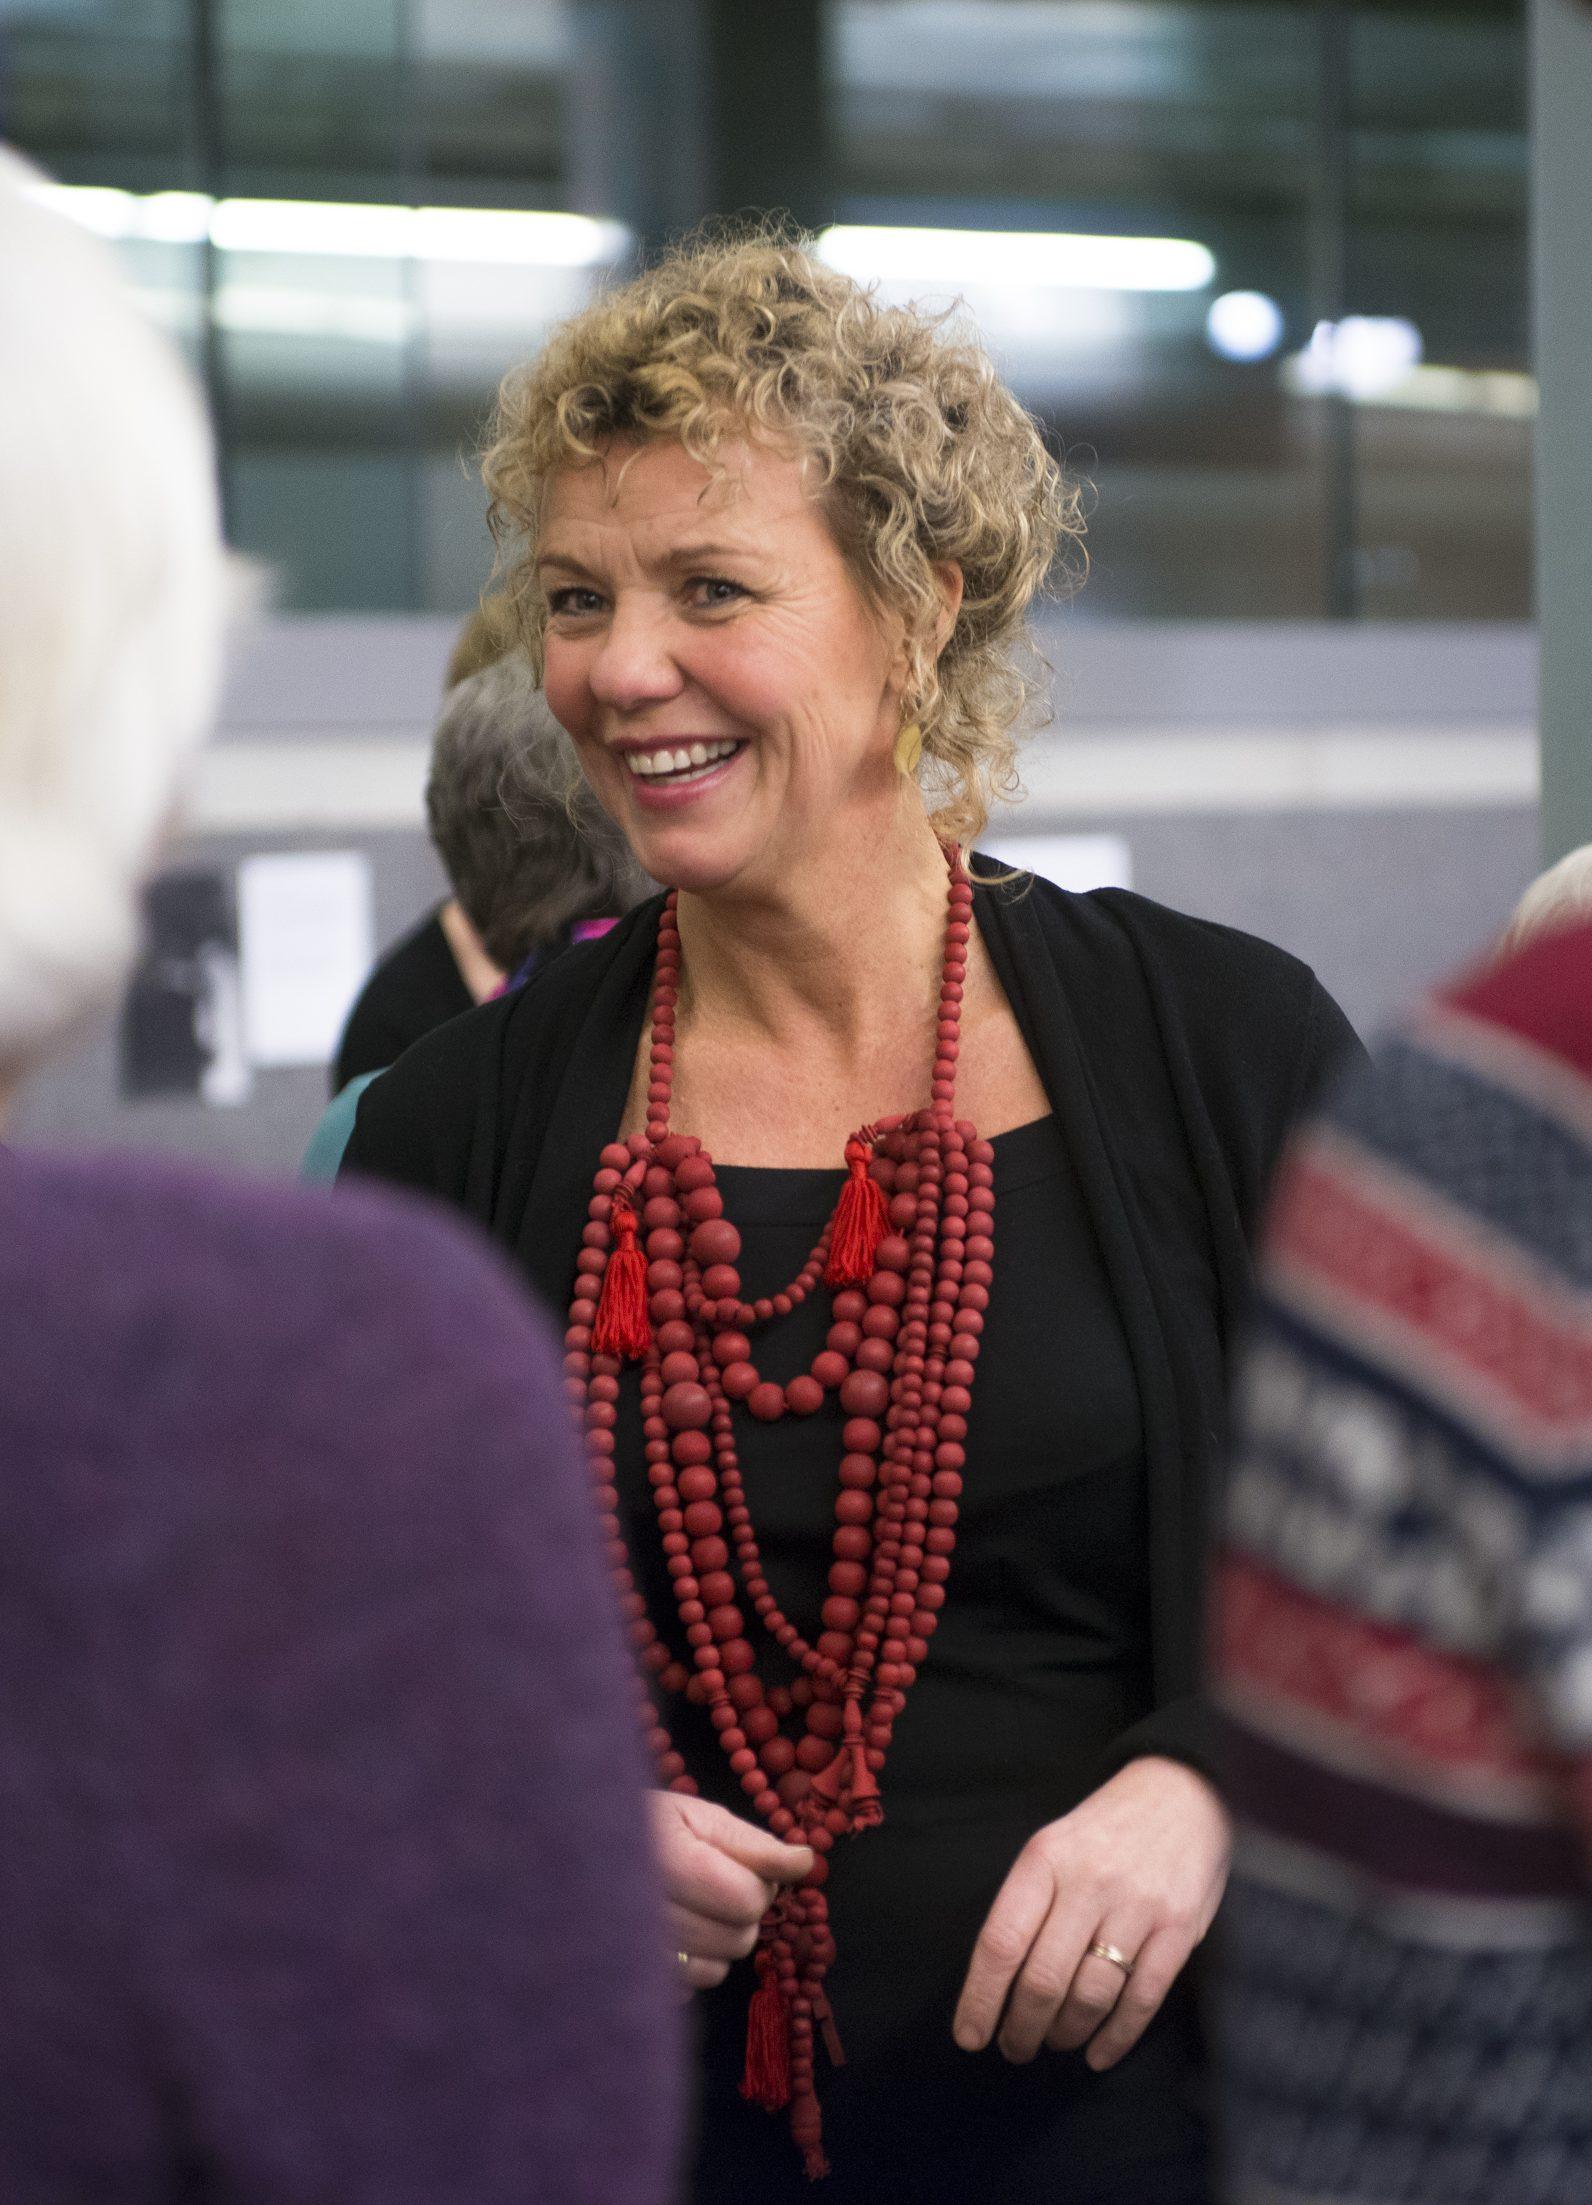 Vrouw draagt halssieraad van Katja Prins tijdens de opening van Kettingreacties, CODA, 2014. Foto CODA